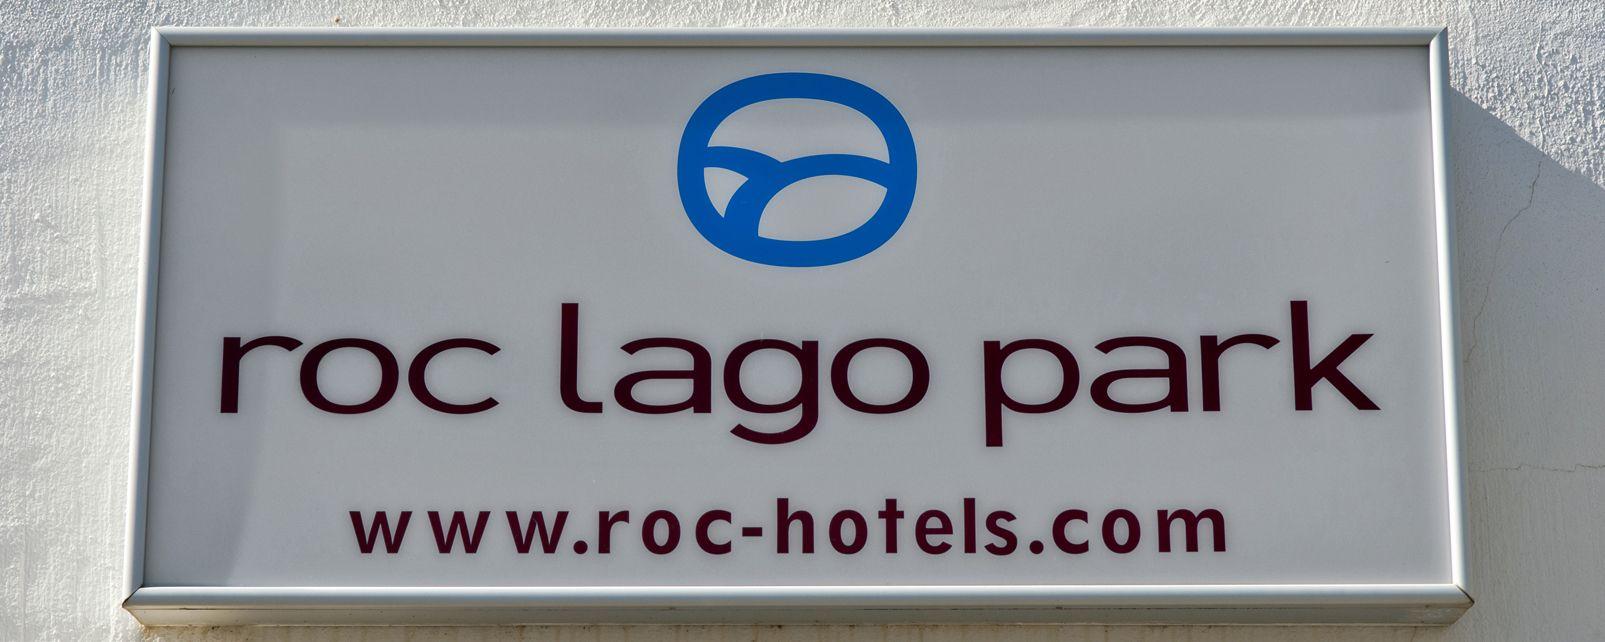 Hôtel Roc Lago Park